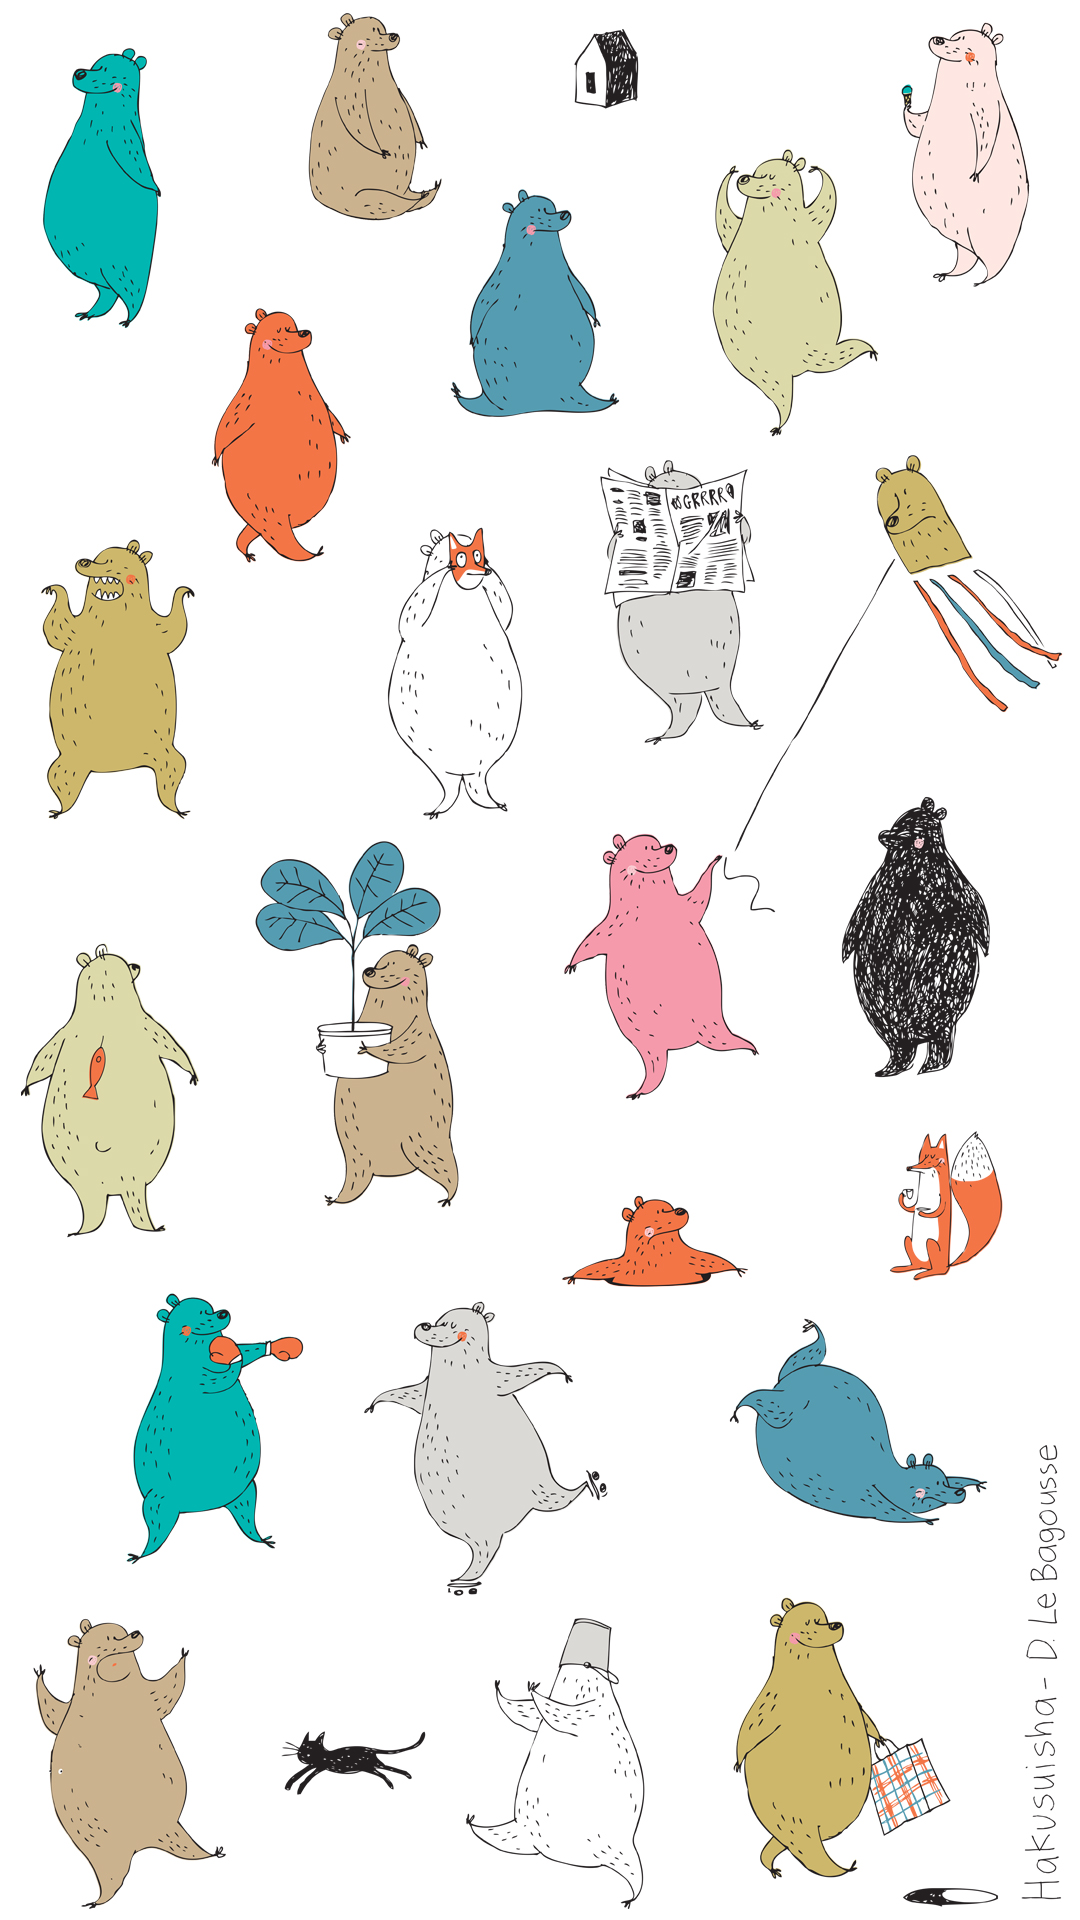 ドミニクさんのクマのイラスト壁紙無料ダウンロード トリコロル パリ パリとフランスの旅行 観光情報